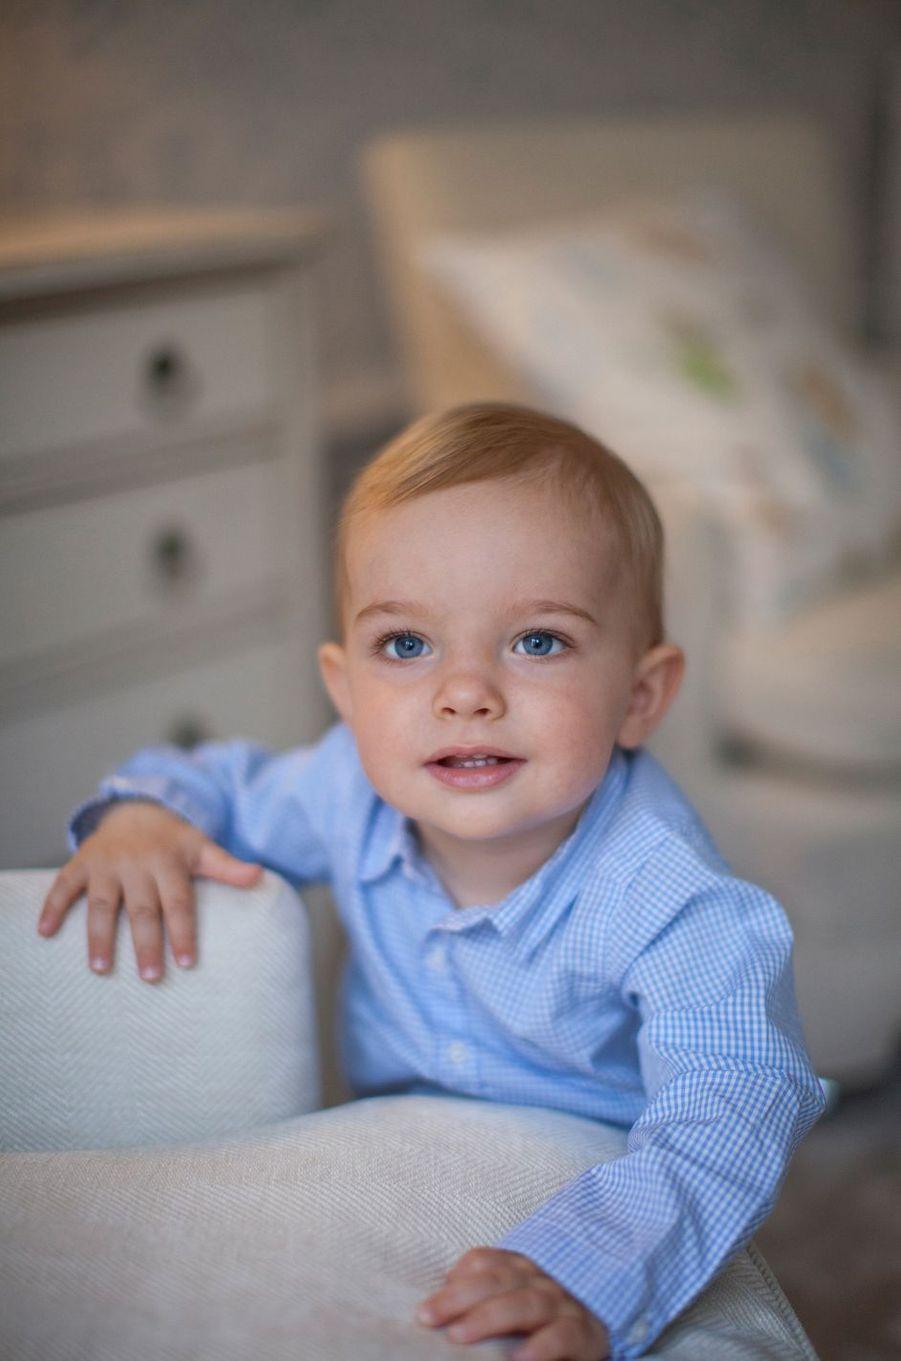 Le prince Nicolas de Suède, photo diffusée pour son 1er anniversaire, le 15 juin 2016